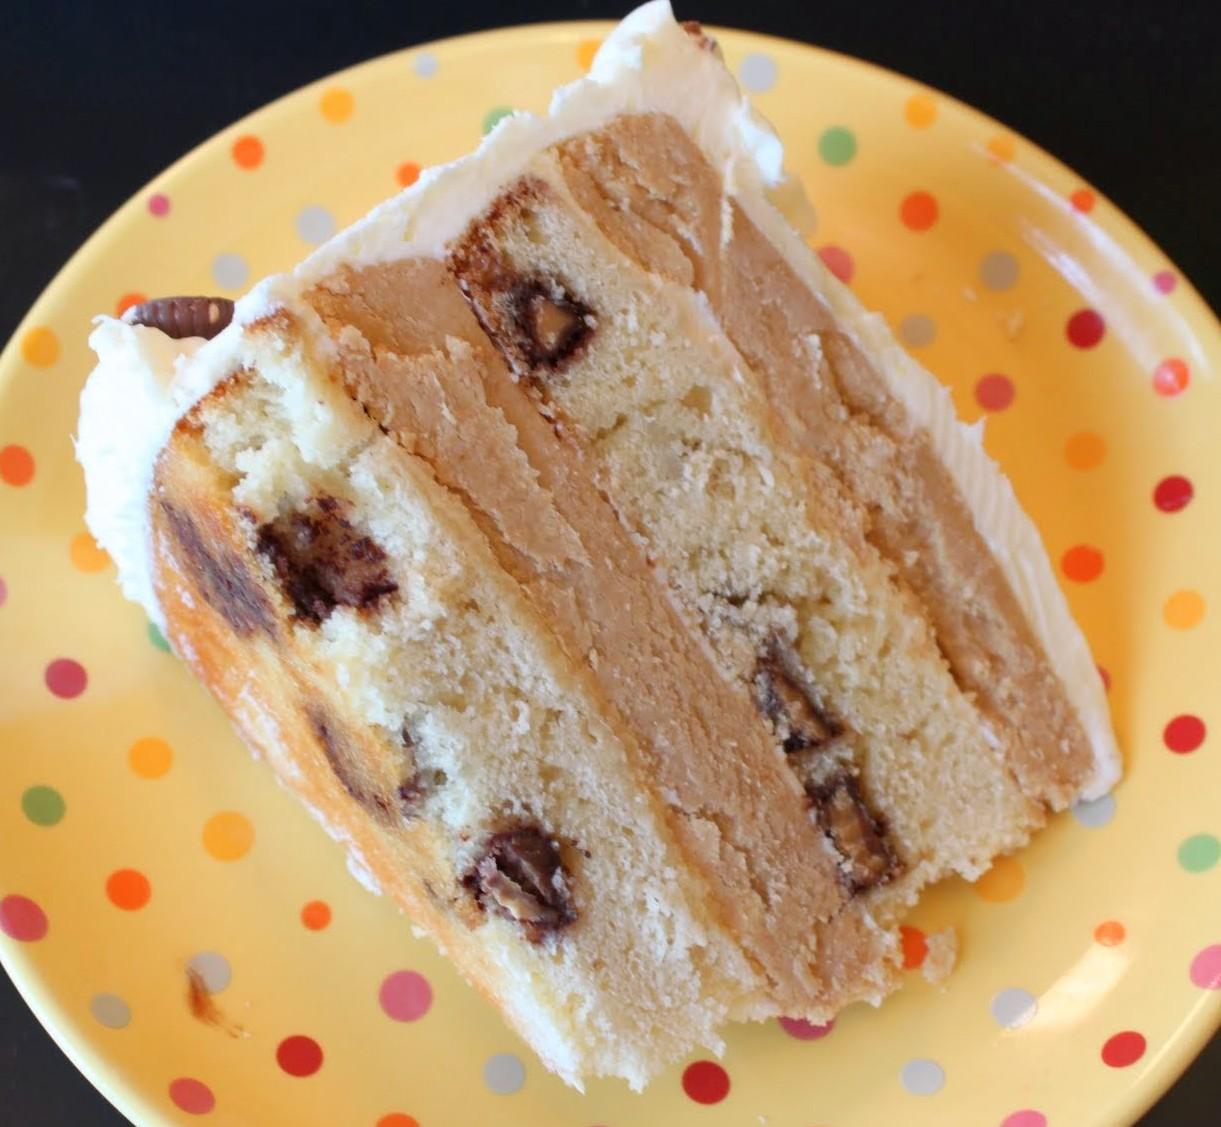 Golden Peanut Butter Cup Cake